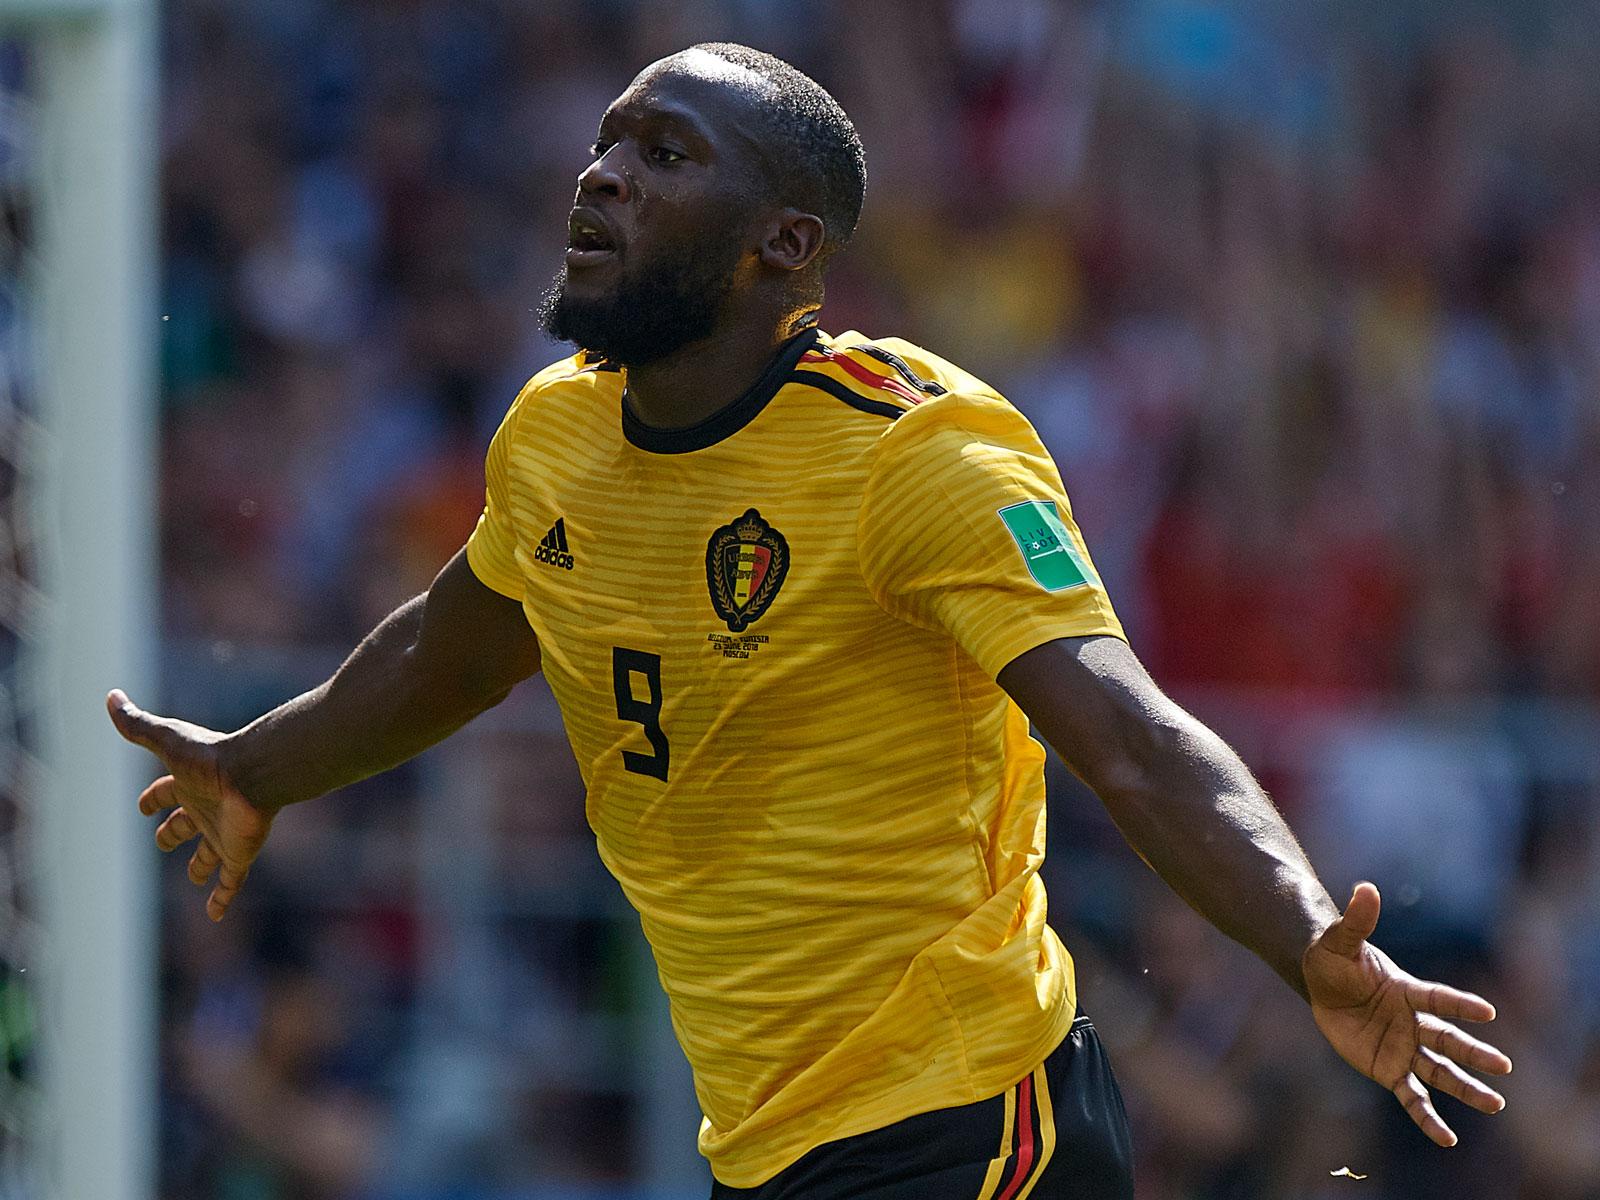 Romelu Lukaku scored four goals at the World Cup